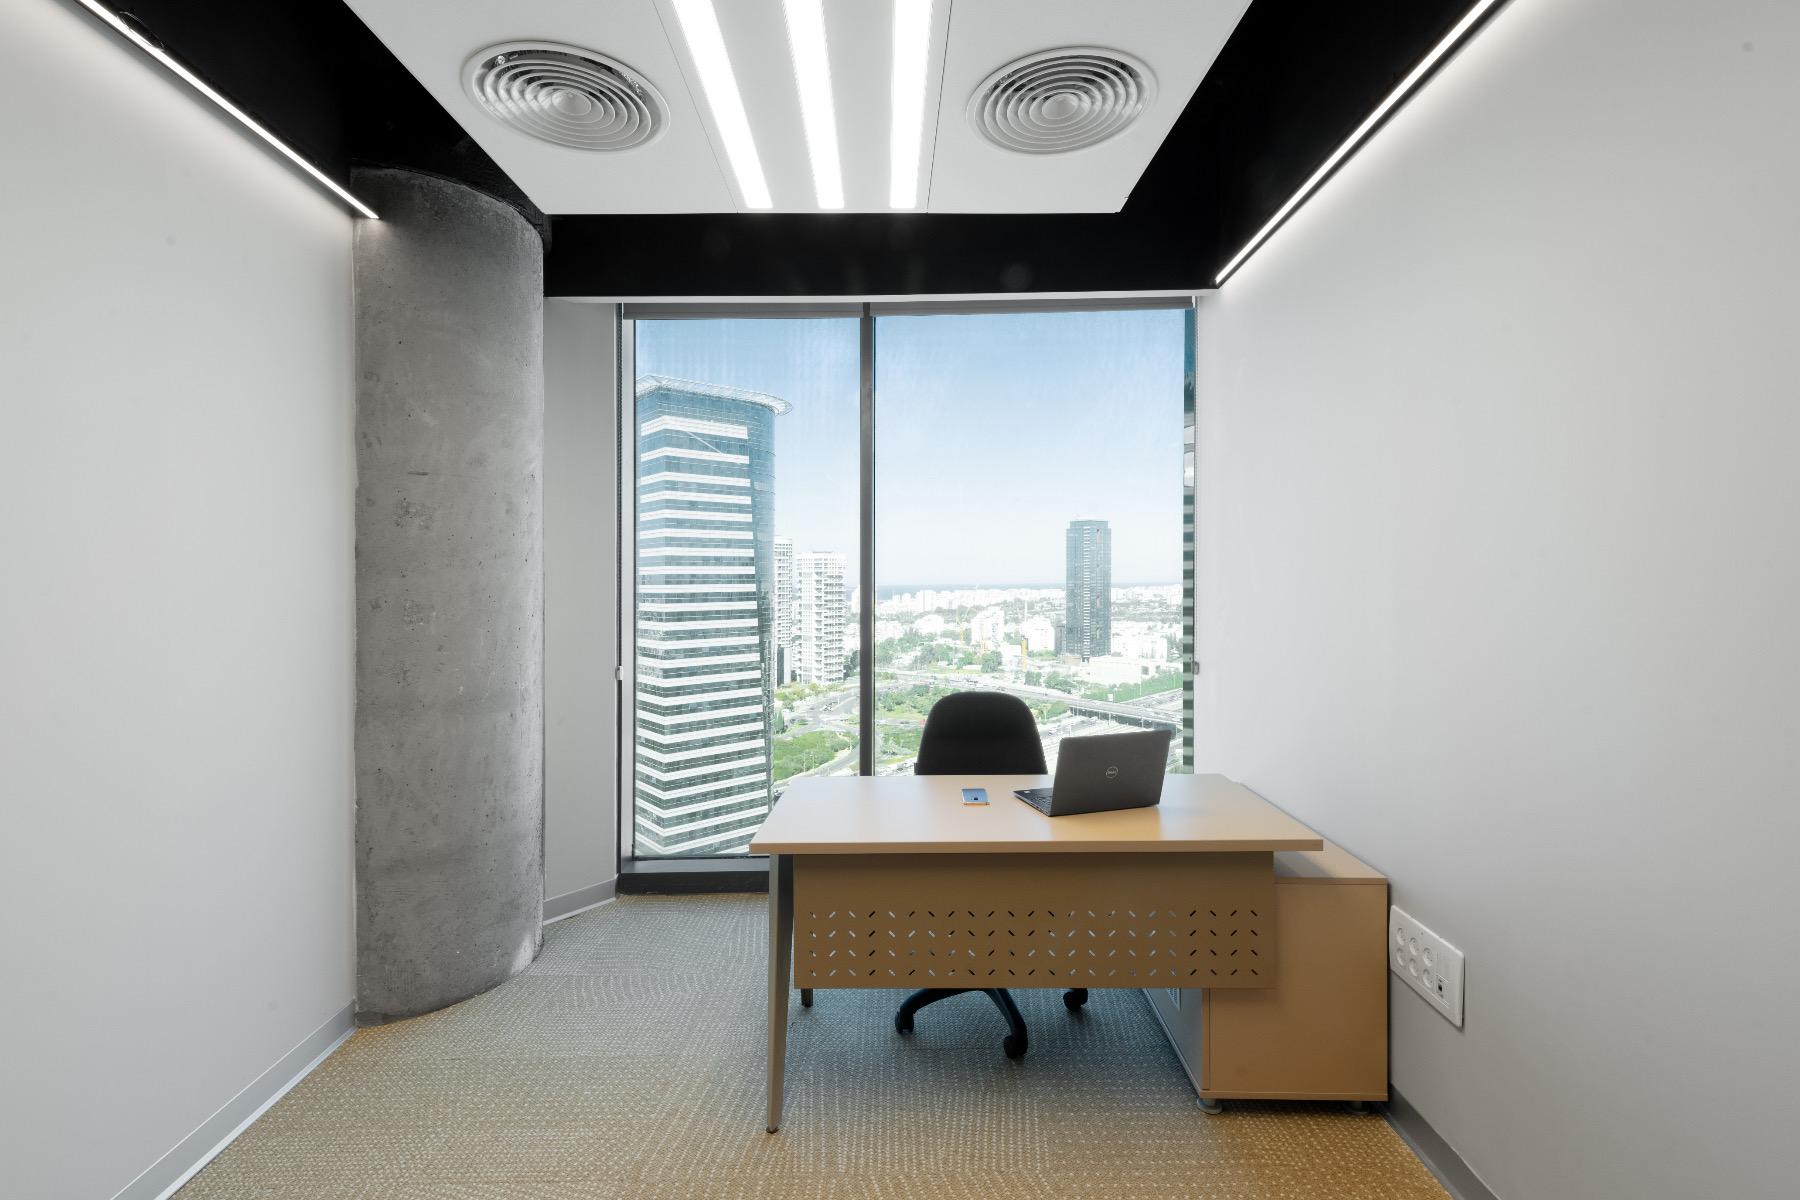 siemplify-tel-aviv-office-20